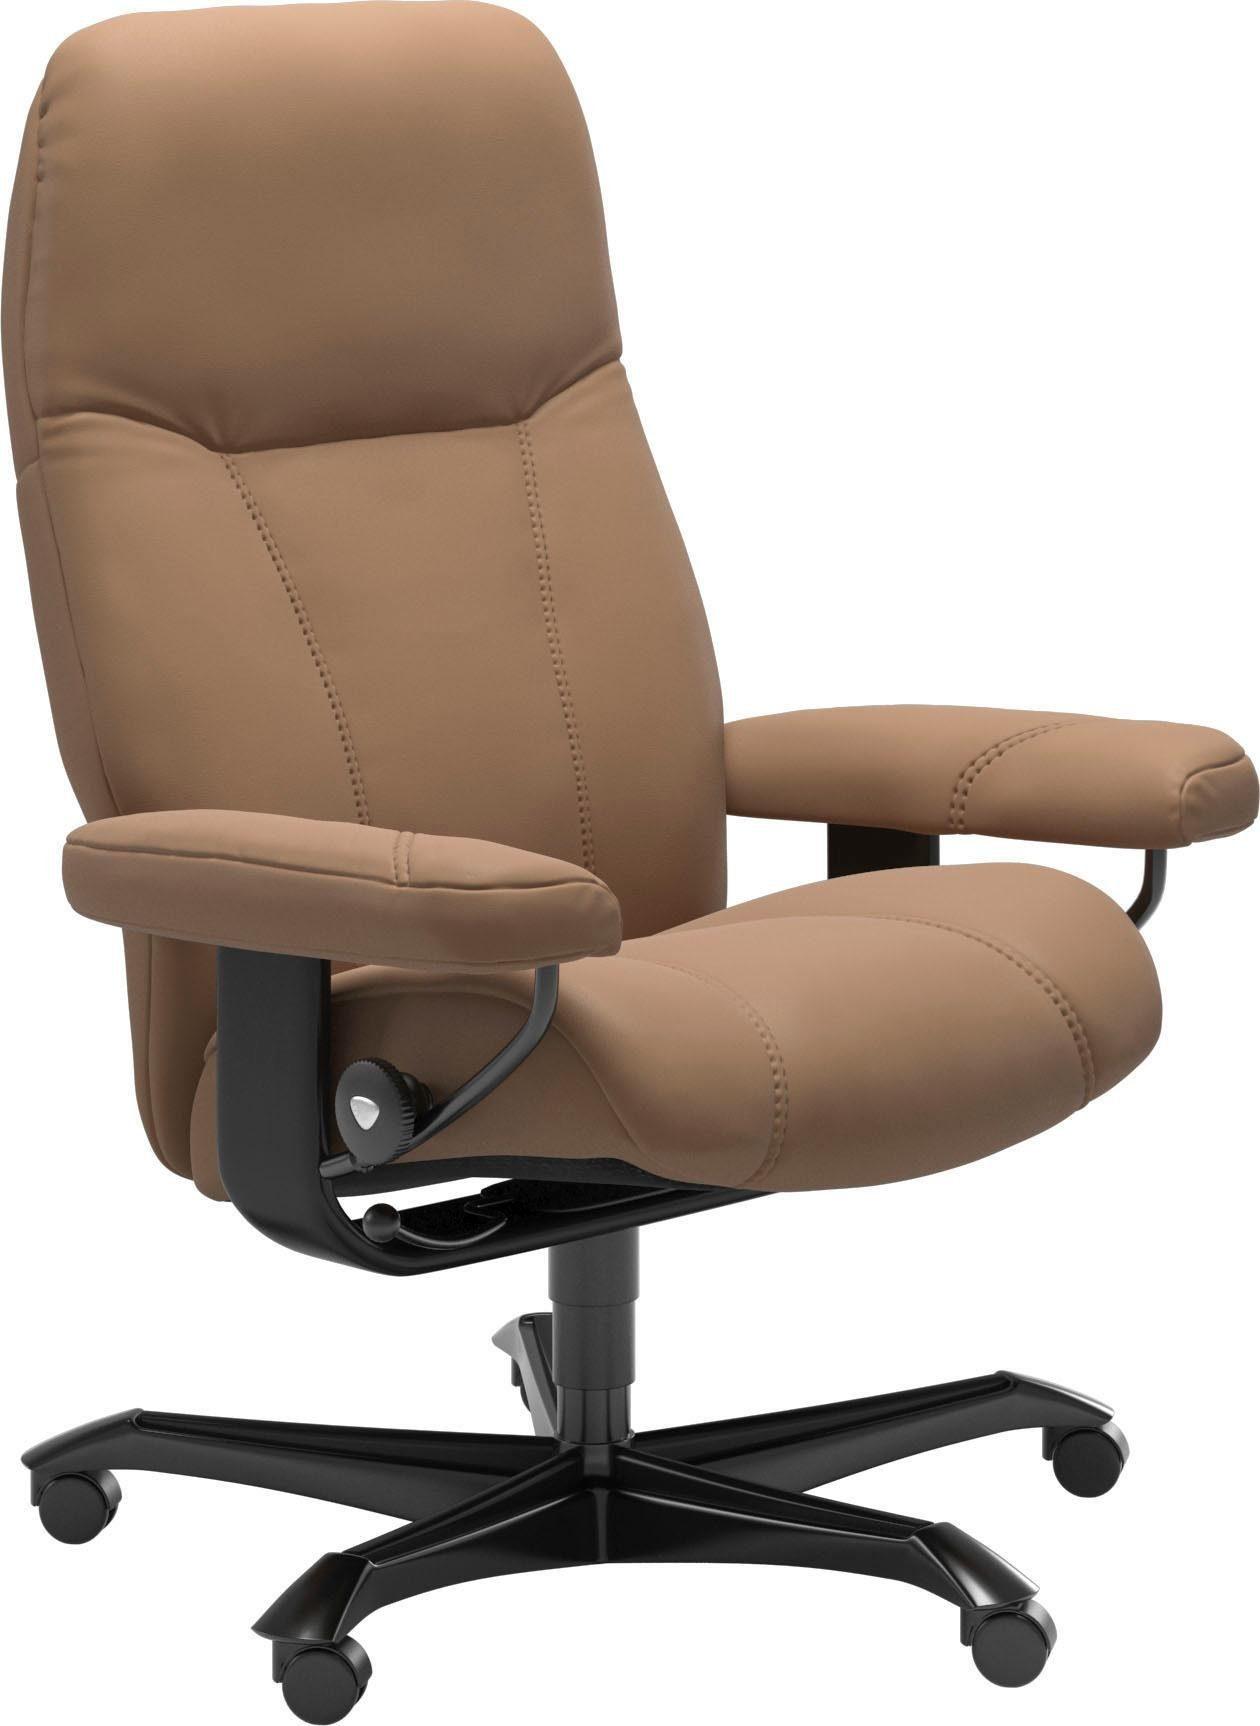 Stressless® Relaxsessel »Consul«, mit Home Office Base, Größe M, Gestell Schwarz online kaufen | OTTO